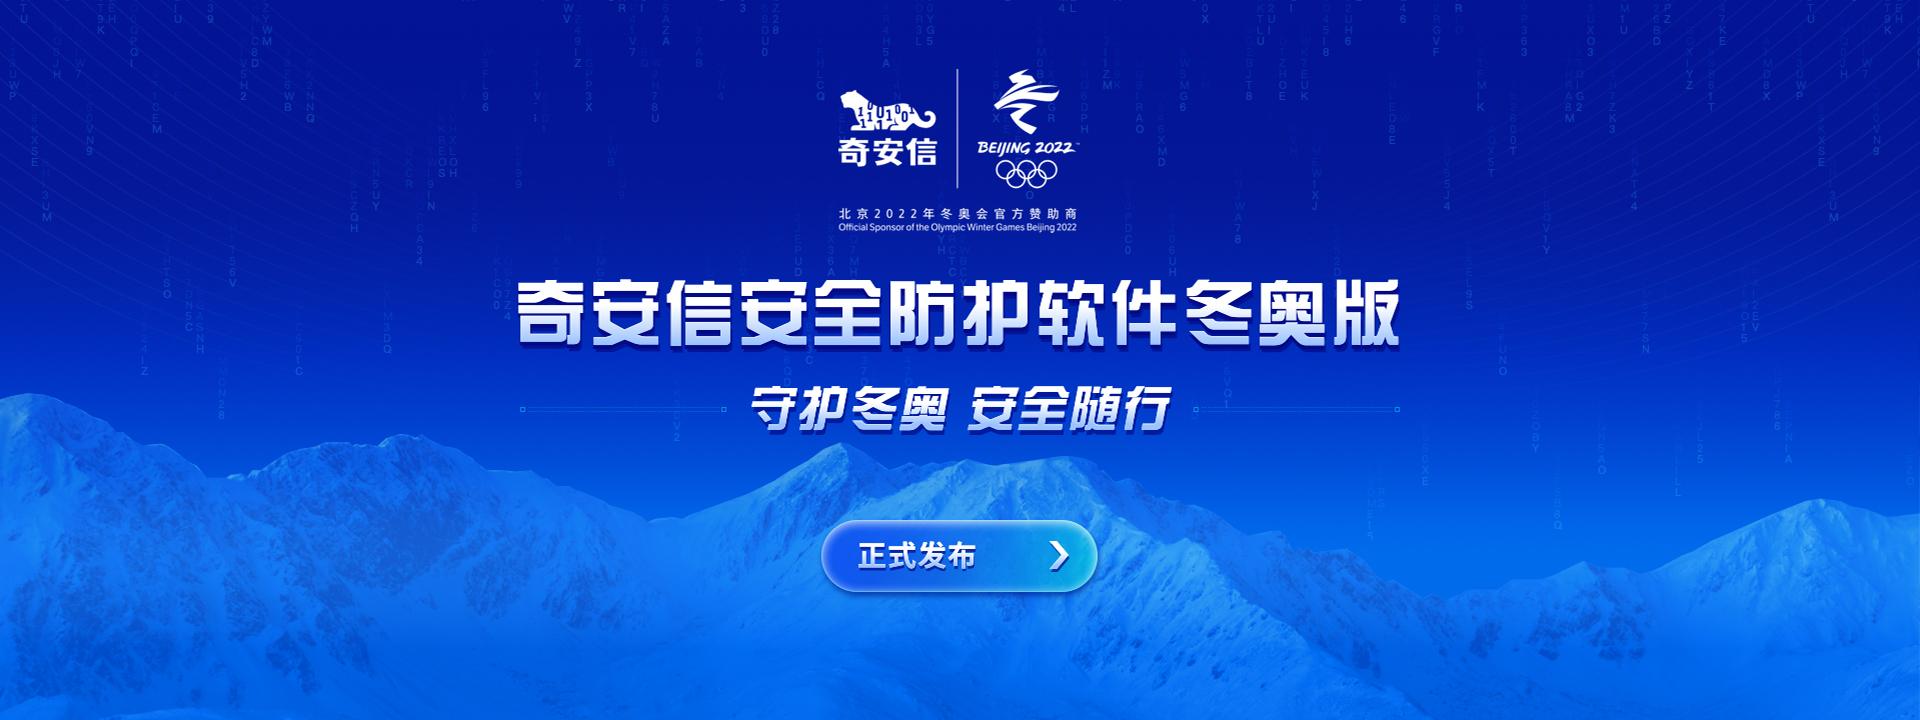 奇安信安全防护软件冬奥版